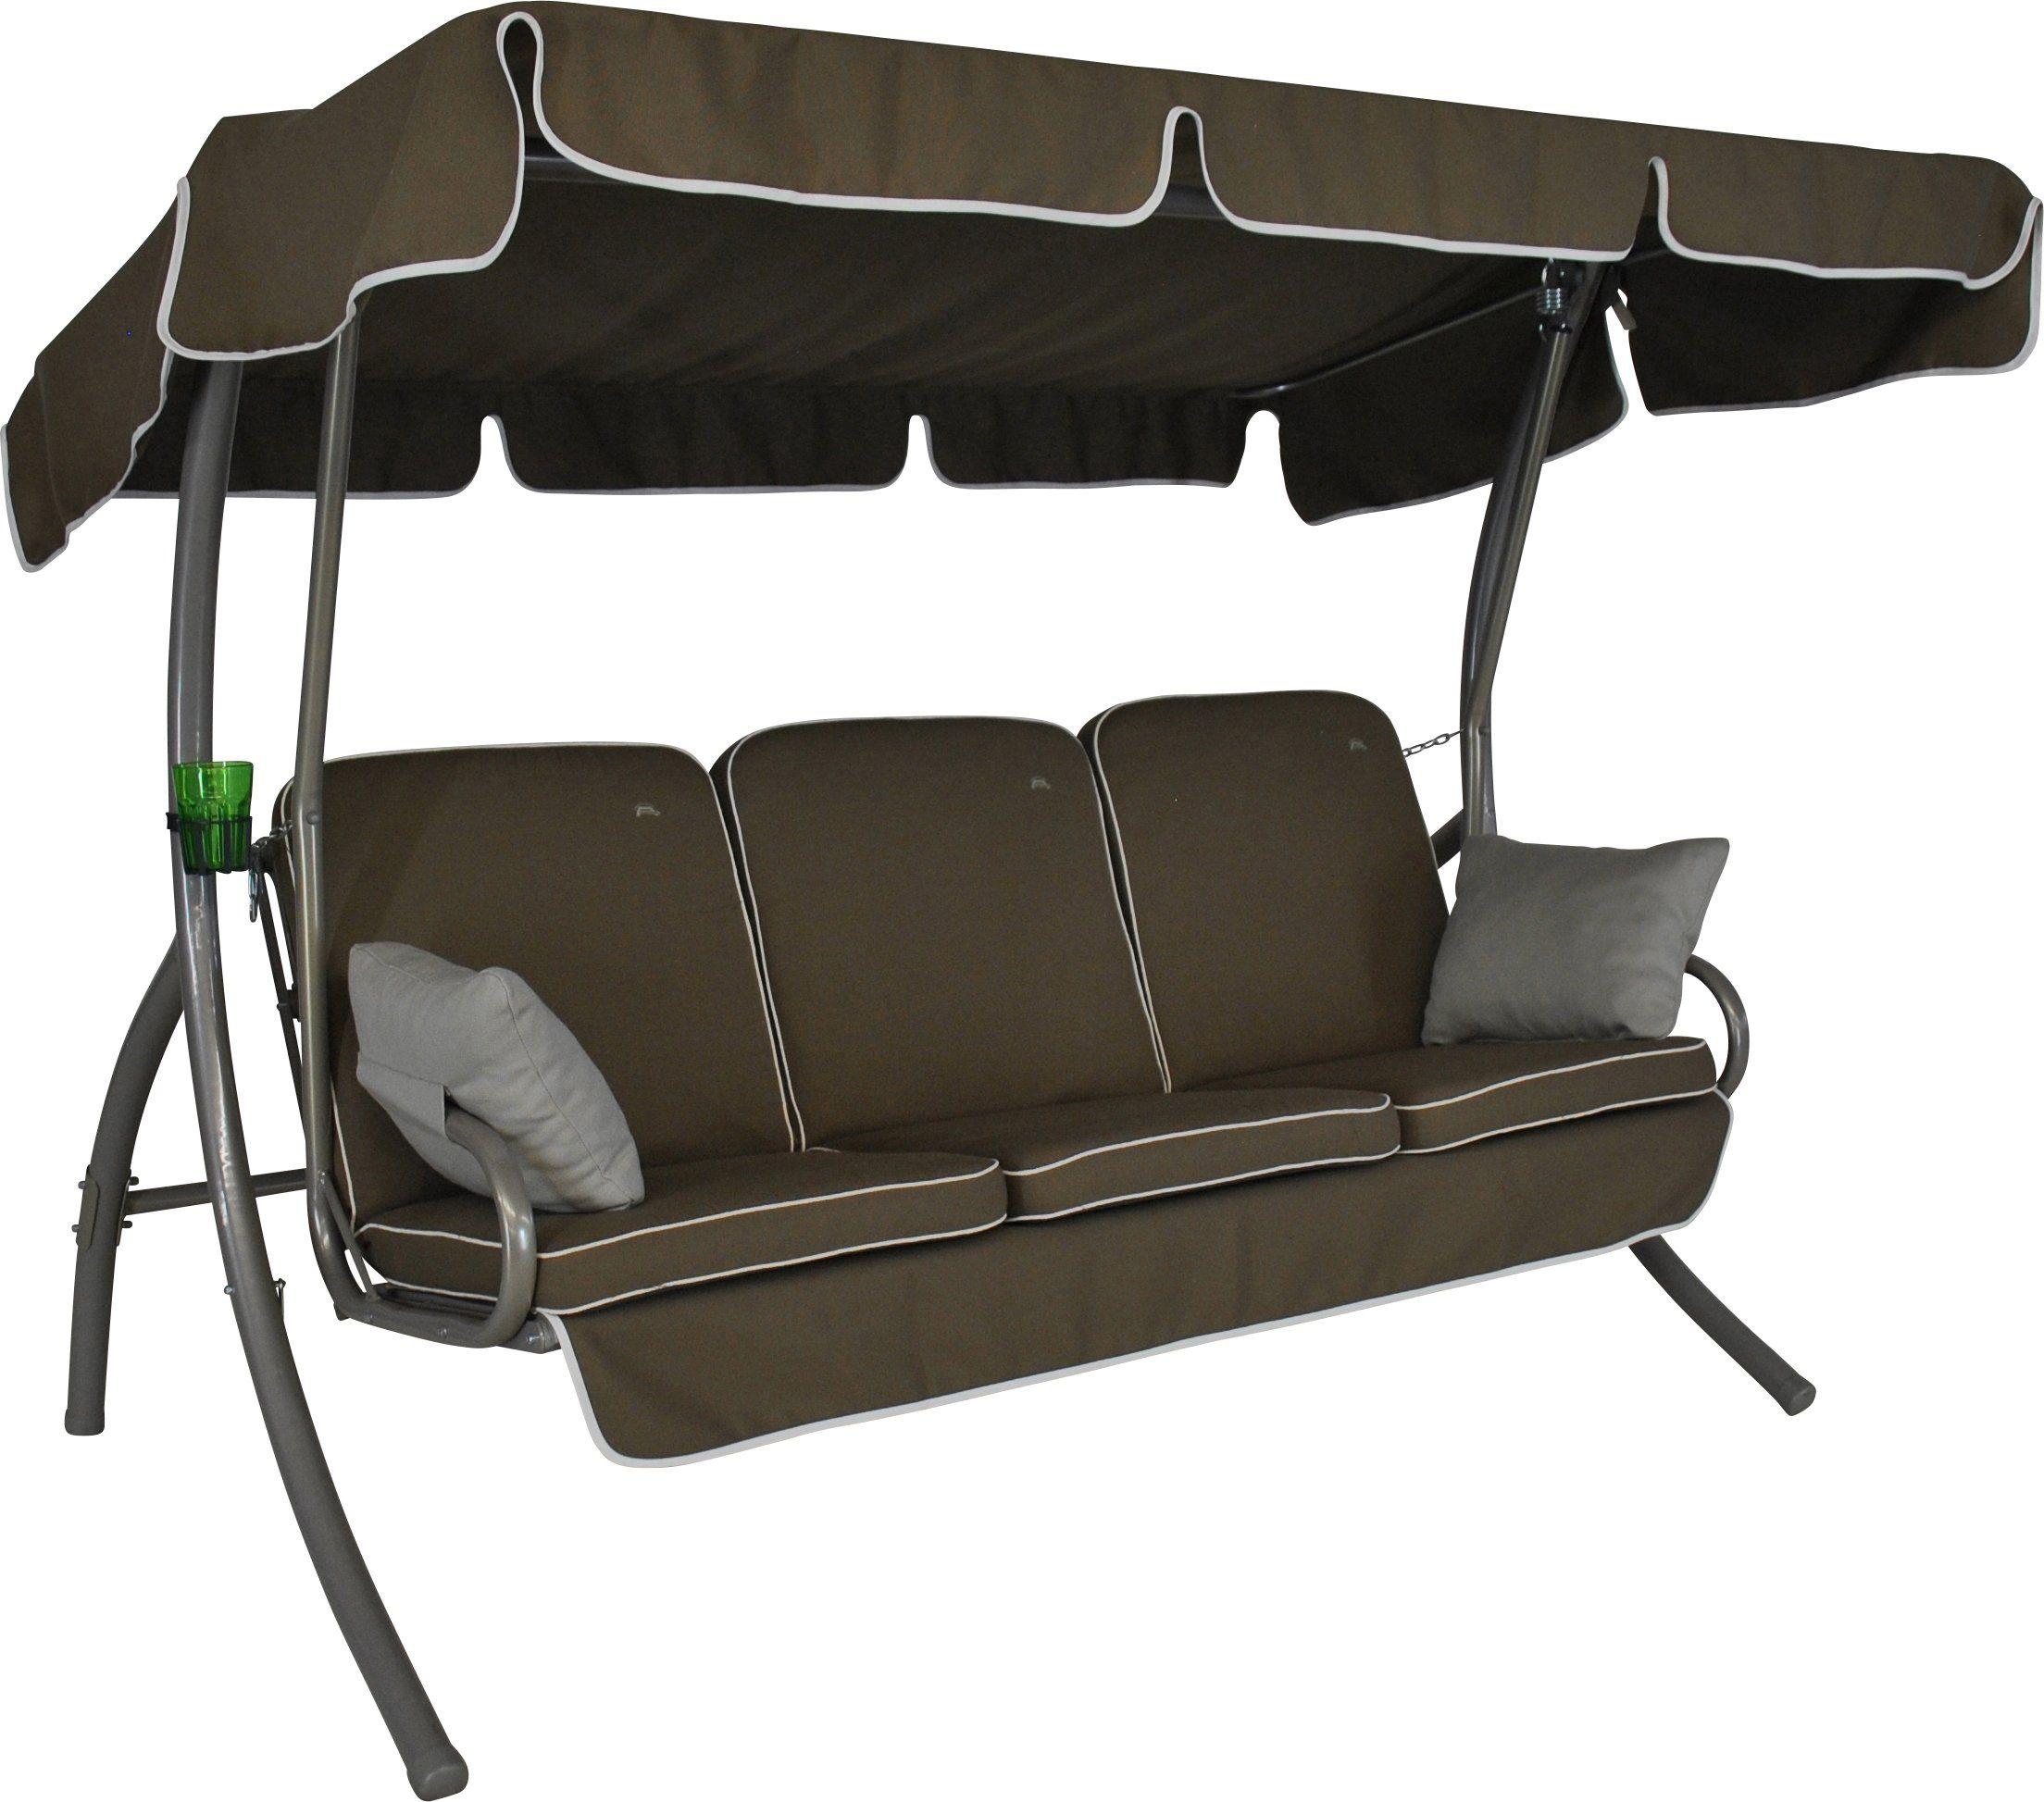 ANGERER FREIZEITMÖBEL Hollywoodschaukel »Comfort Style«, 3-Sitzer, braun